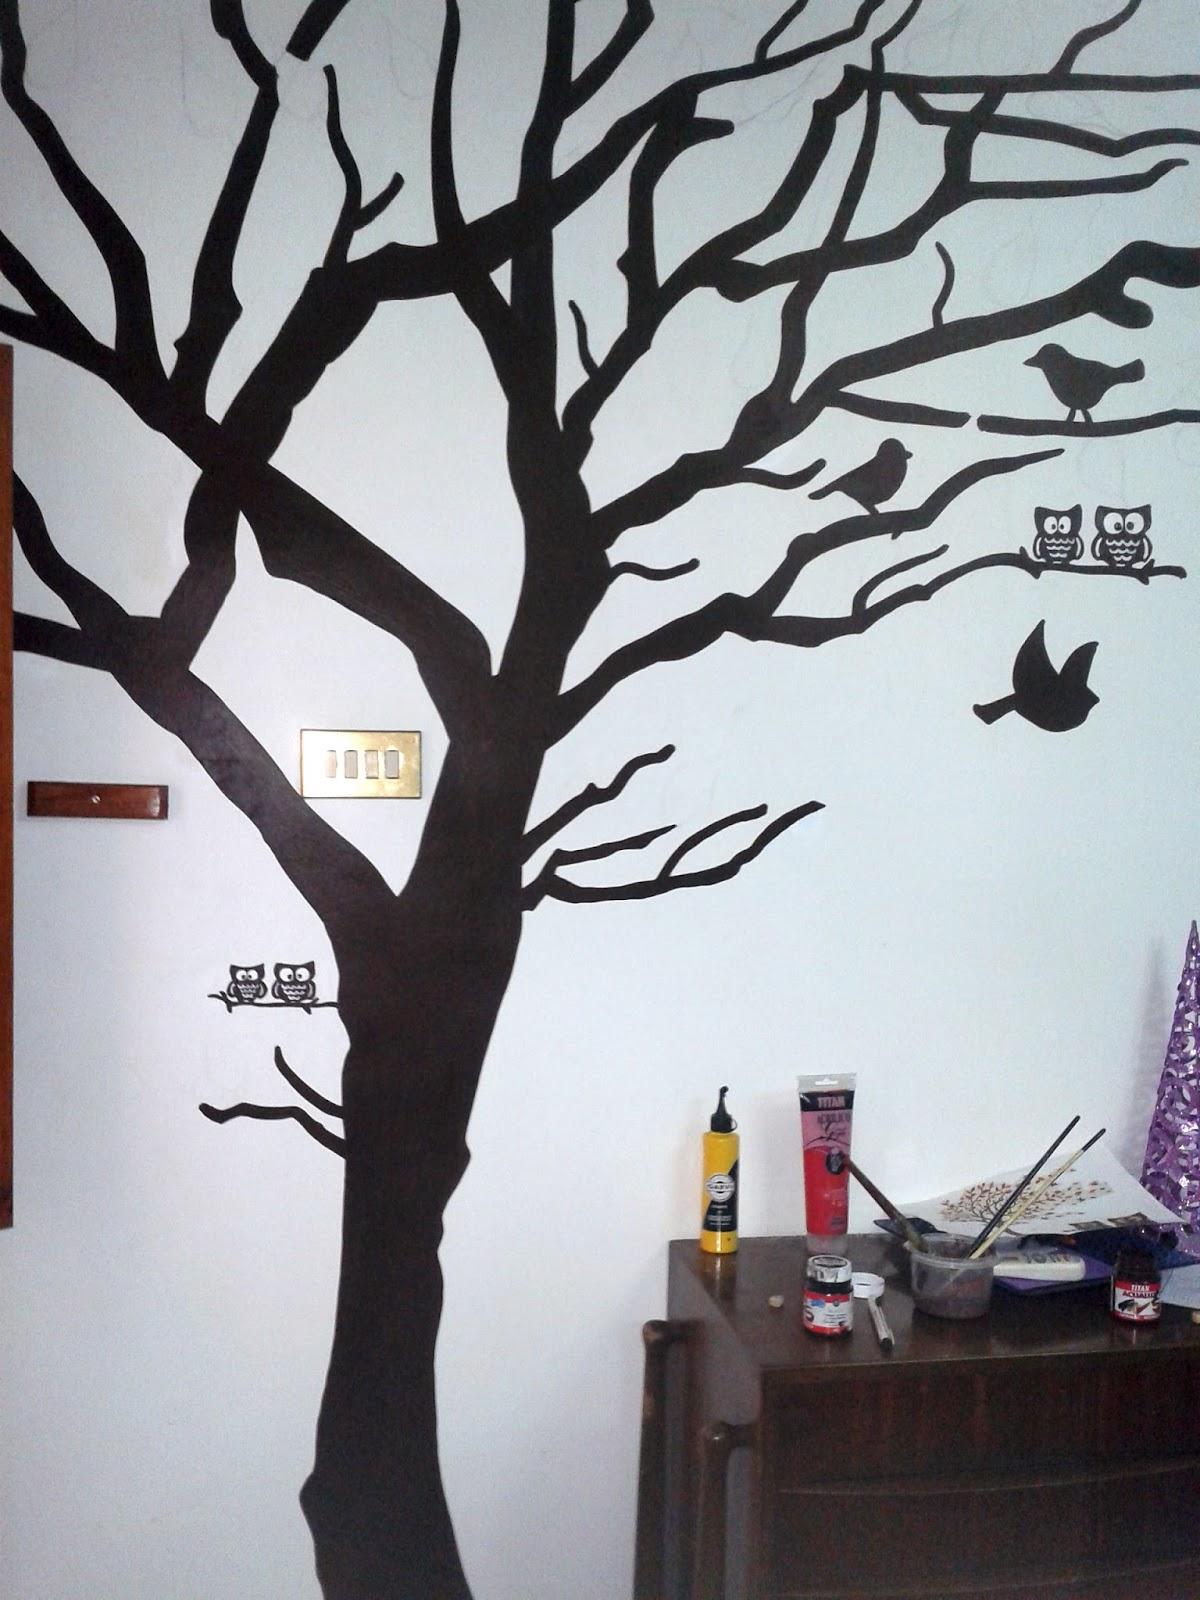 Diy mural rbol con hojas geno dise o arte - Plantillas para dibujar en la pared ...